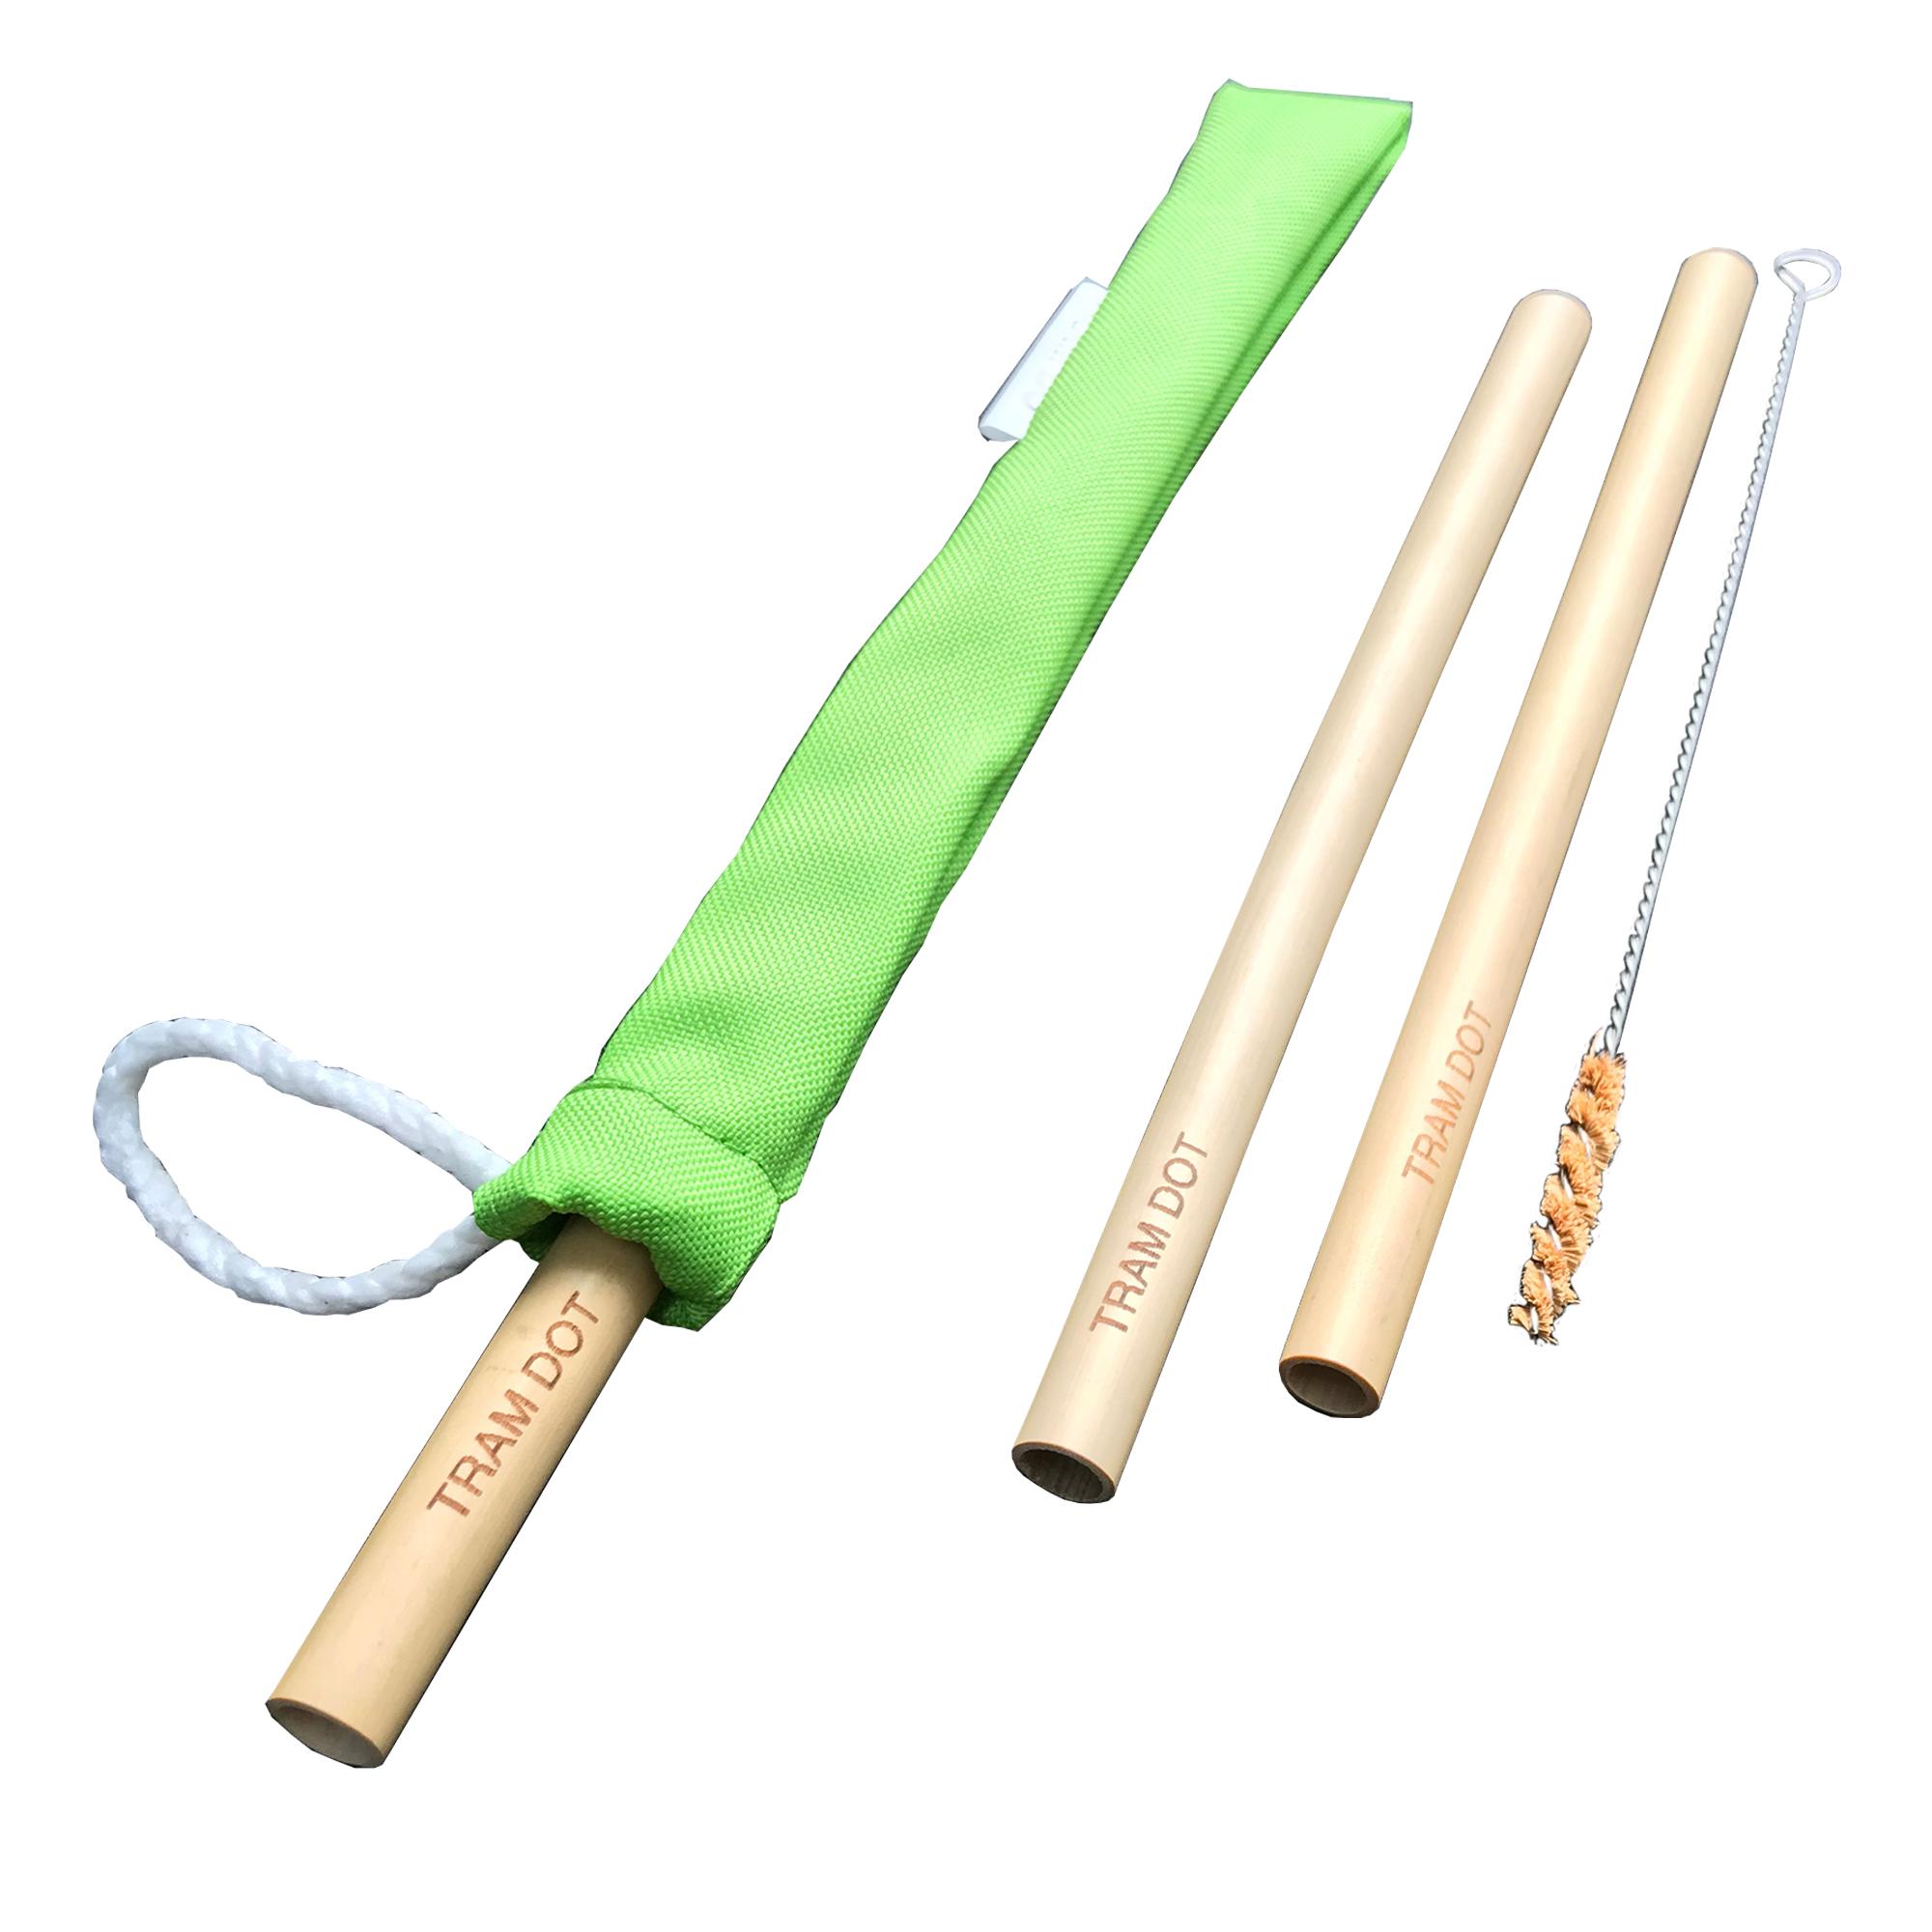 Pack 2 – Ống hút tre dài 20cm, 100% tự nhiên với cọ vệ sinh xơ dừa